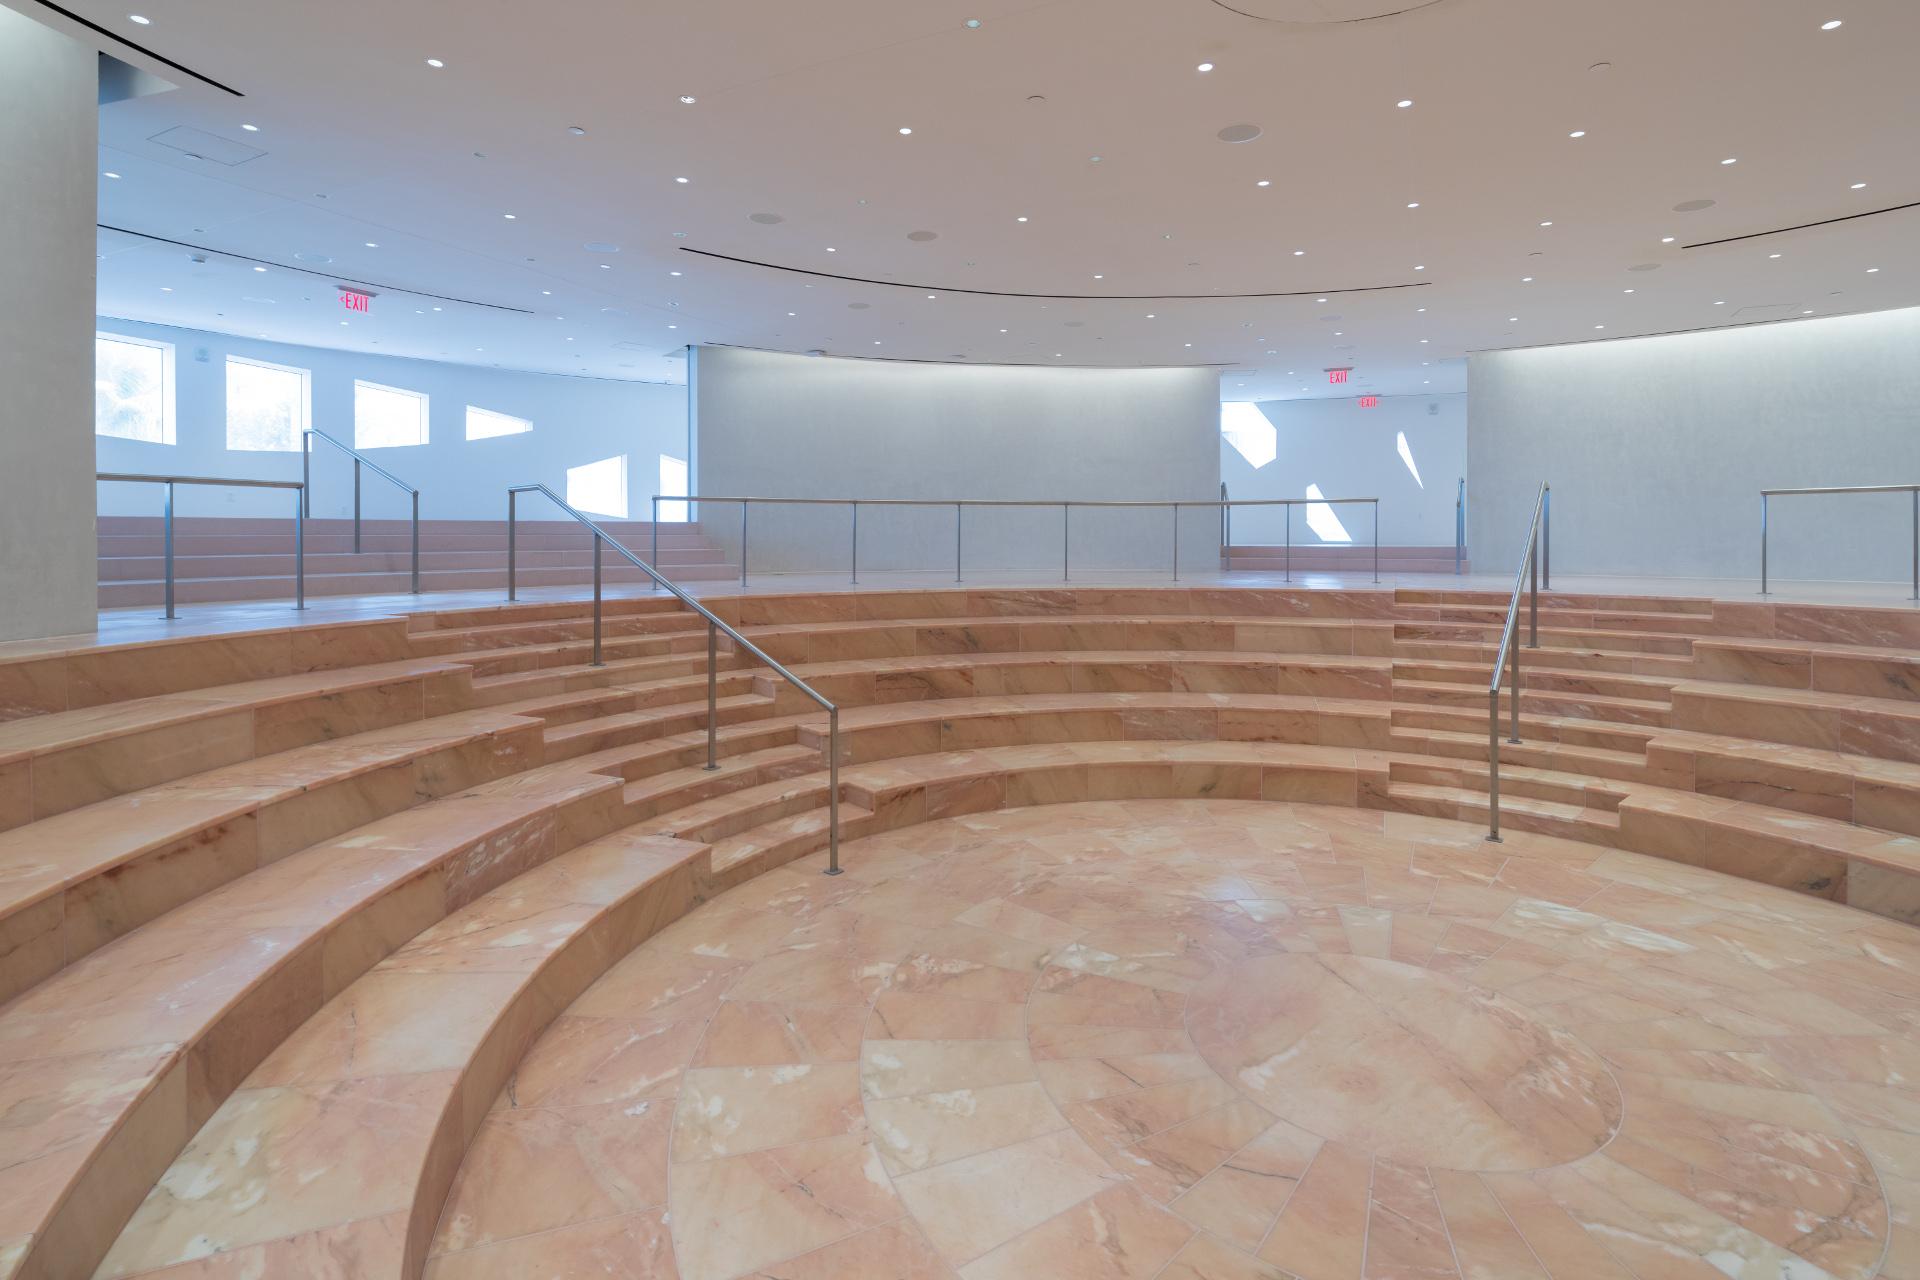 Façade avec des arcs caténaires pour le Faena Forum du cabinet OMA